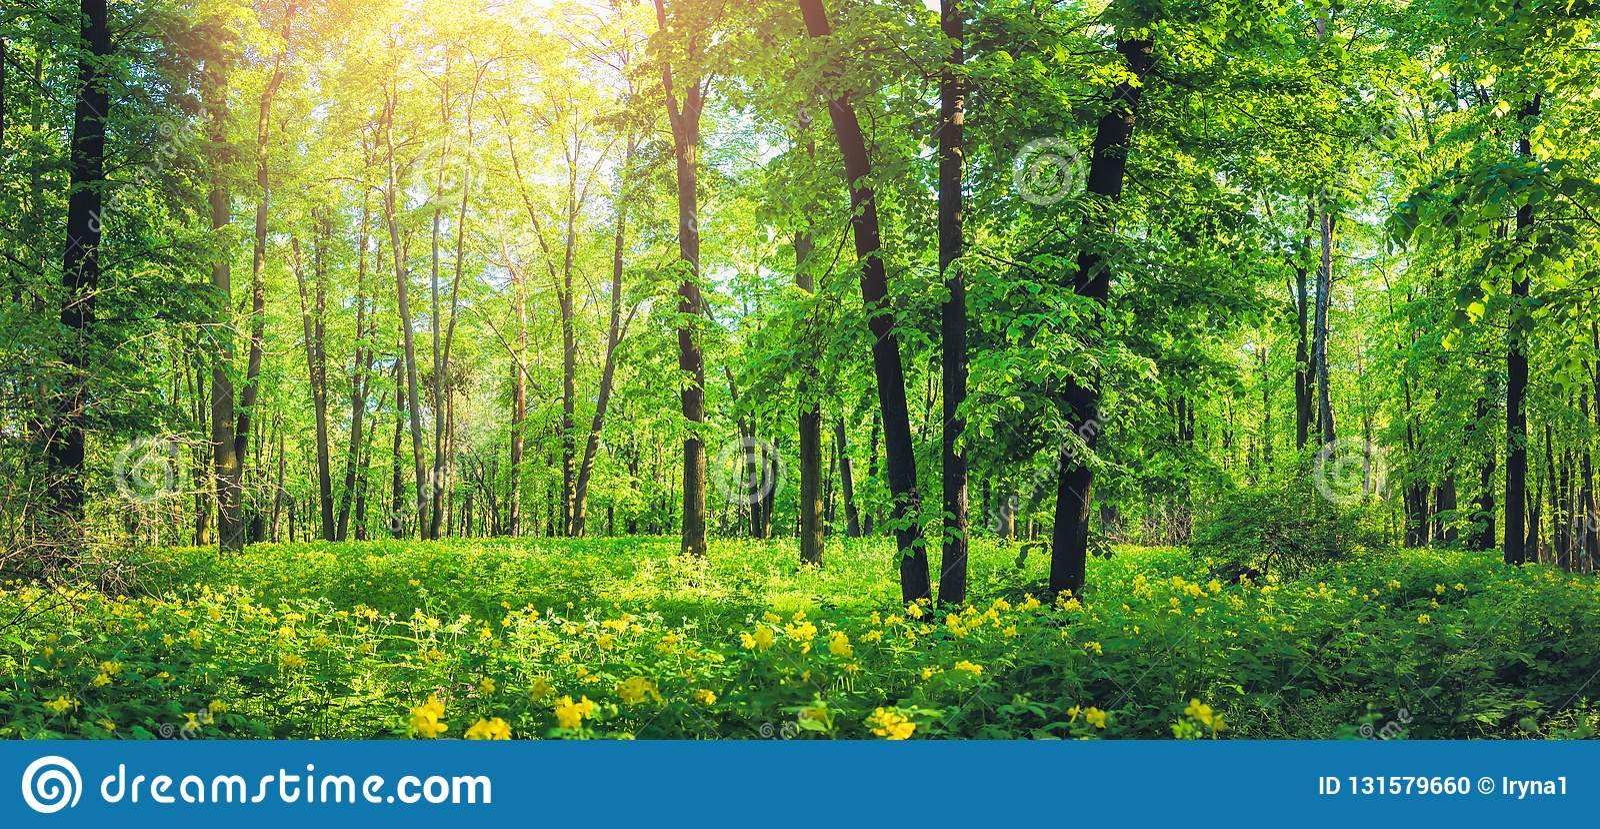 Panorama piękny zielony las w lecie Natury sceneria z żółtymi dzikimi kwiatami